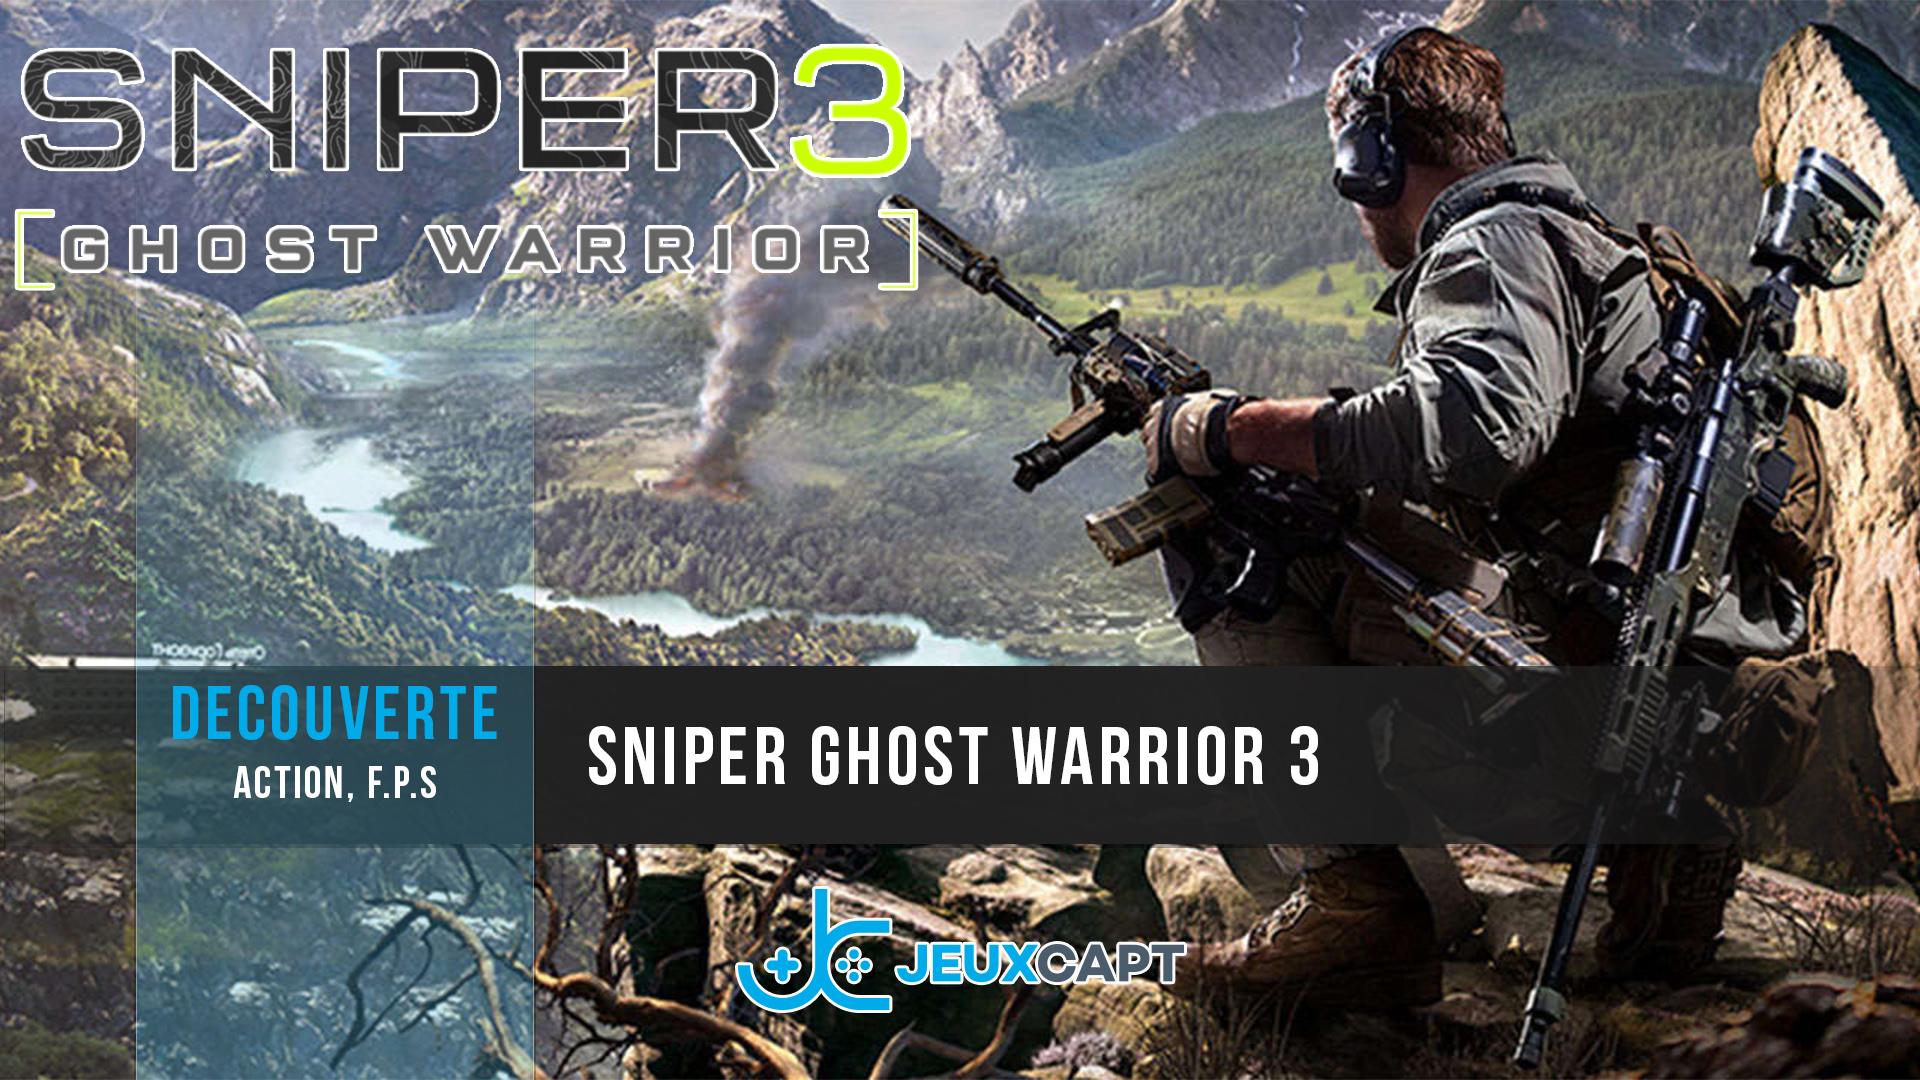 Dans la peau d'un sniper - Sniper Ghost Warrior 3 - Découverte